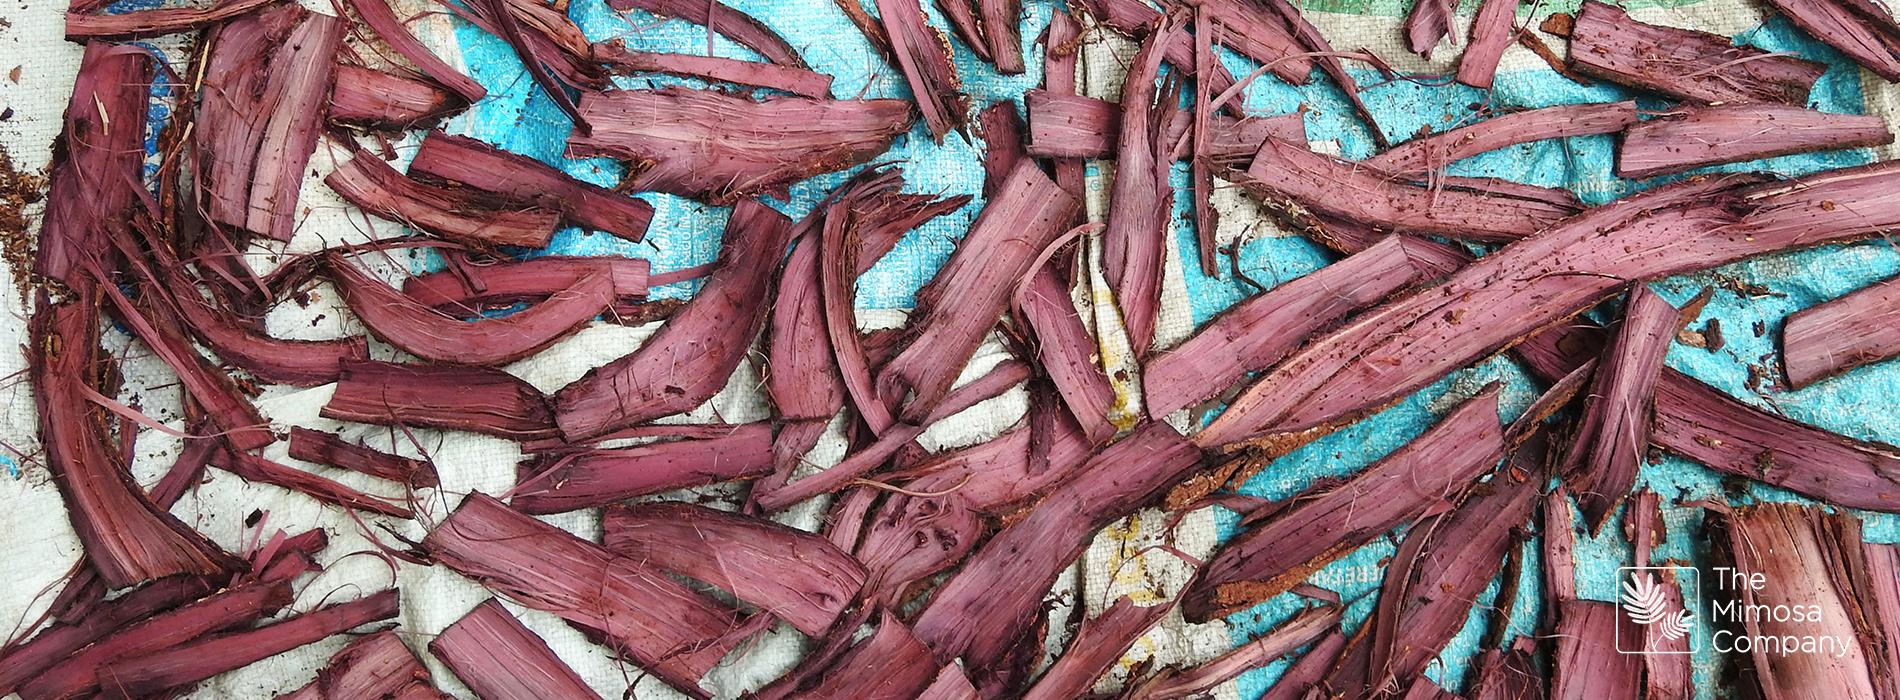 Mimosa hostilis: eine natürliche Wahl für das Färben von Stoffen